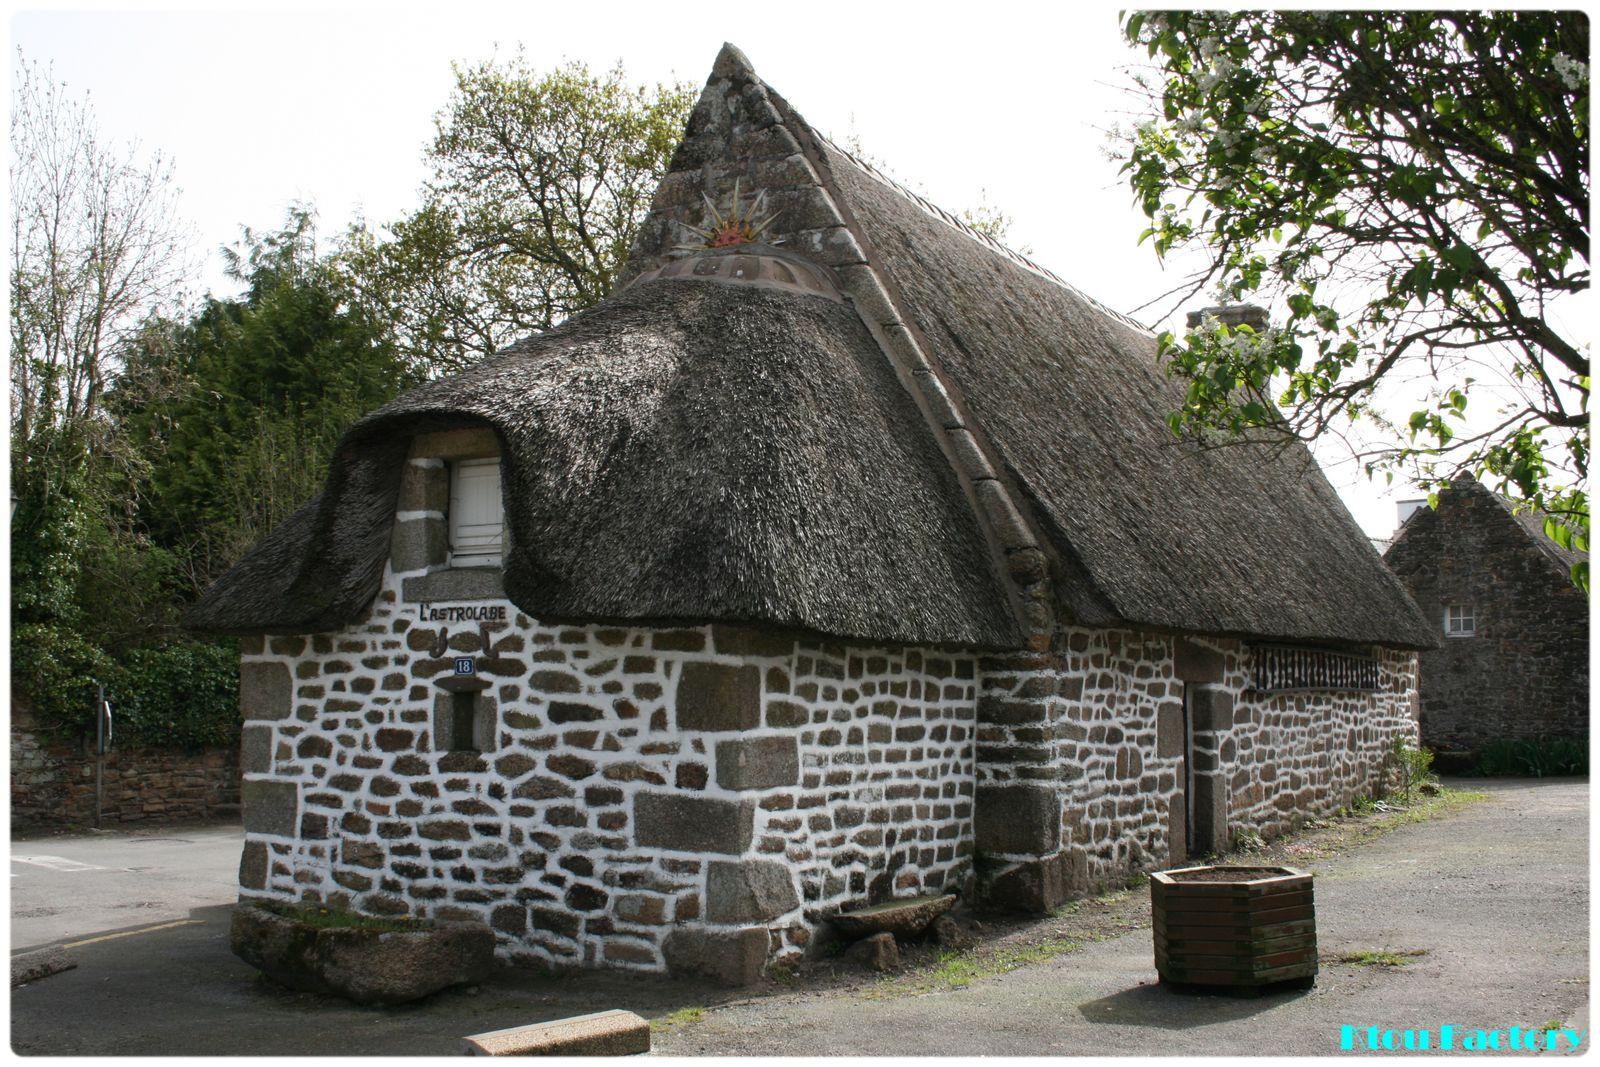 Escale en Bretagne : Hameau de Kerascoët, Névez